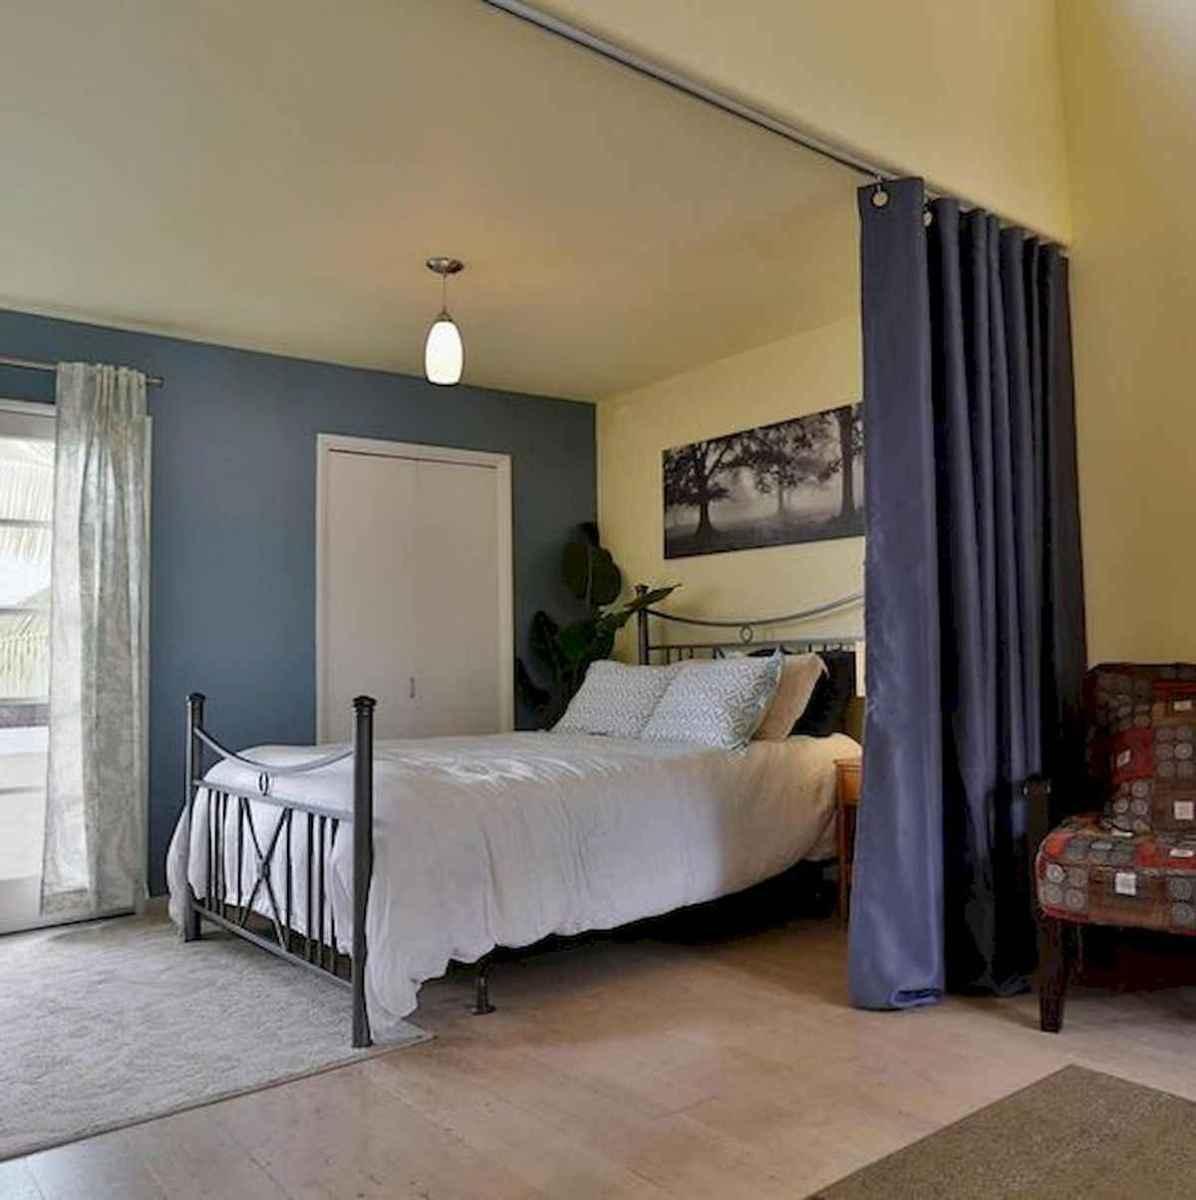 40 Favorite Studio Apartment Room Dividers Curtains Design Ideas and Decor (15)